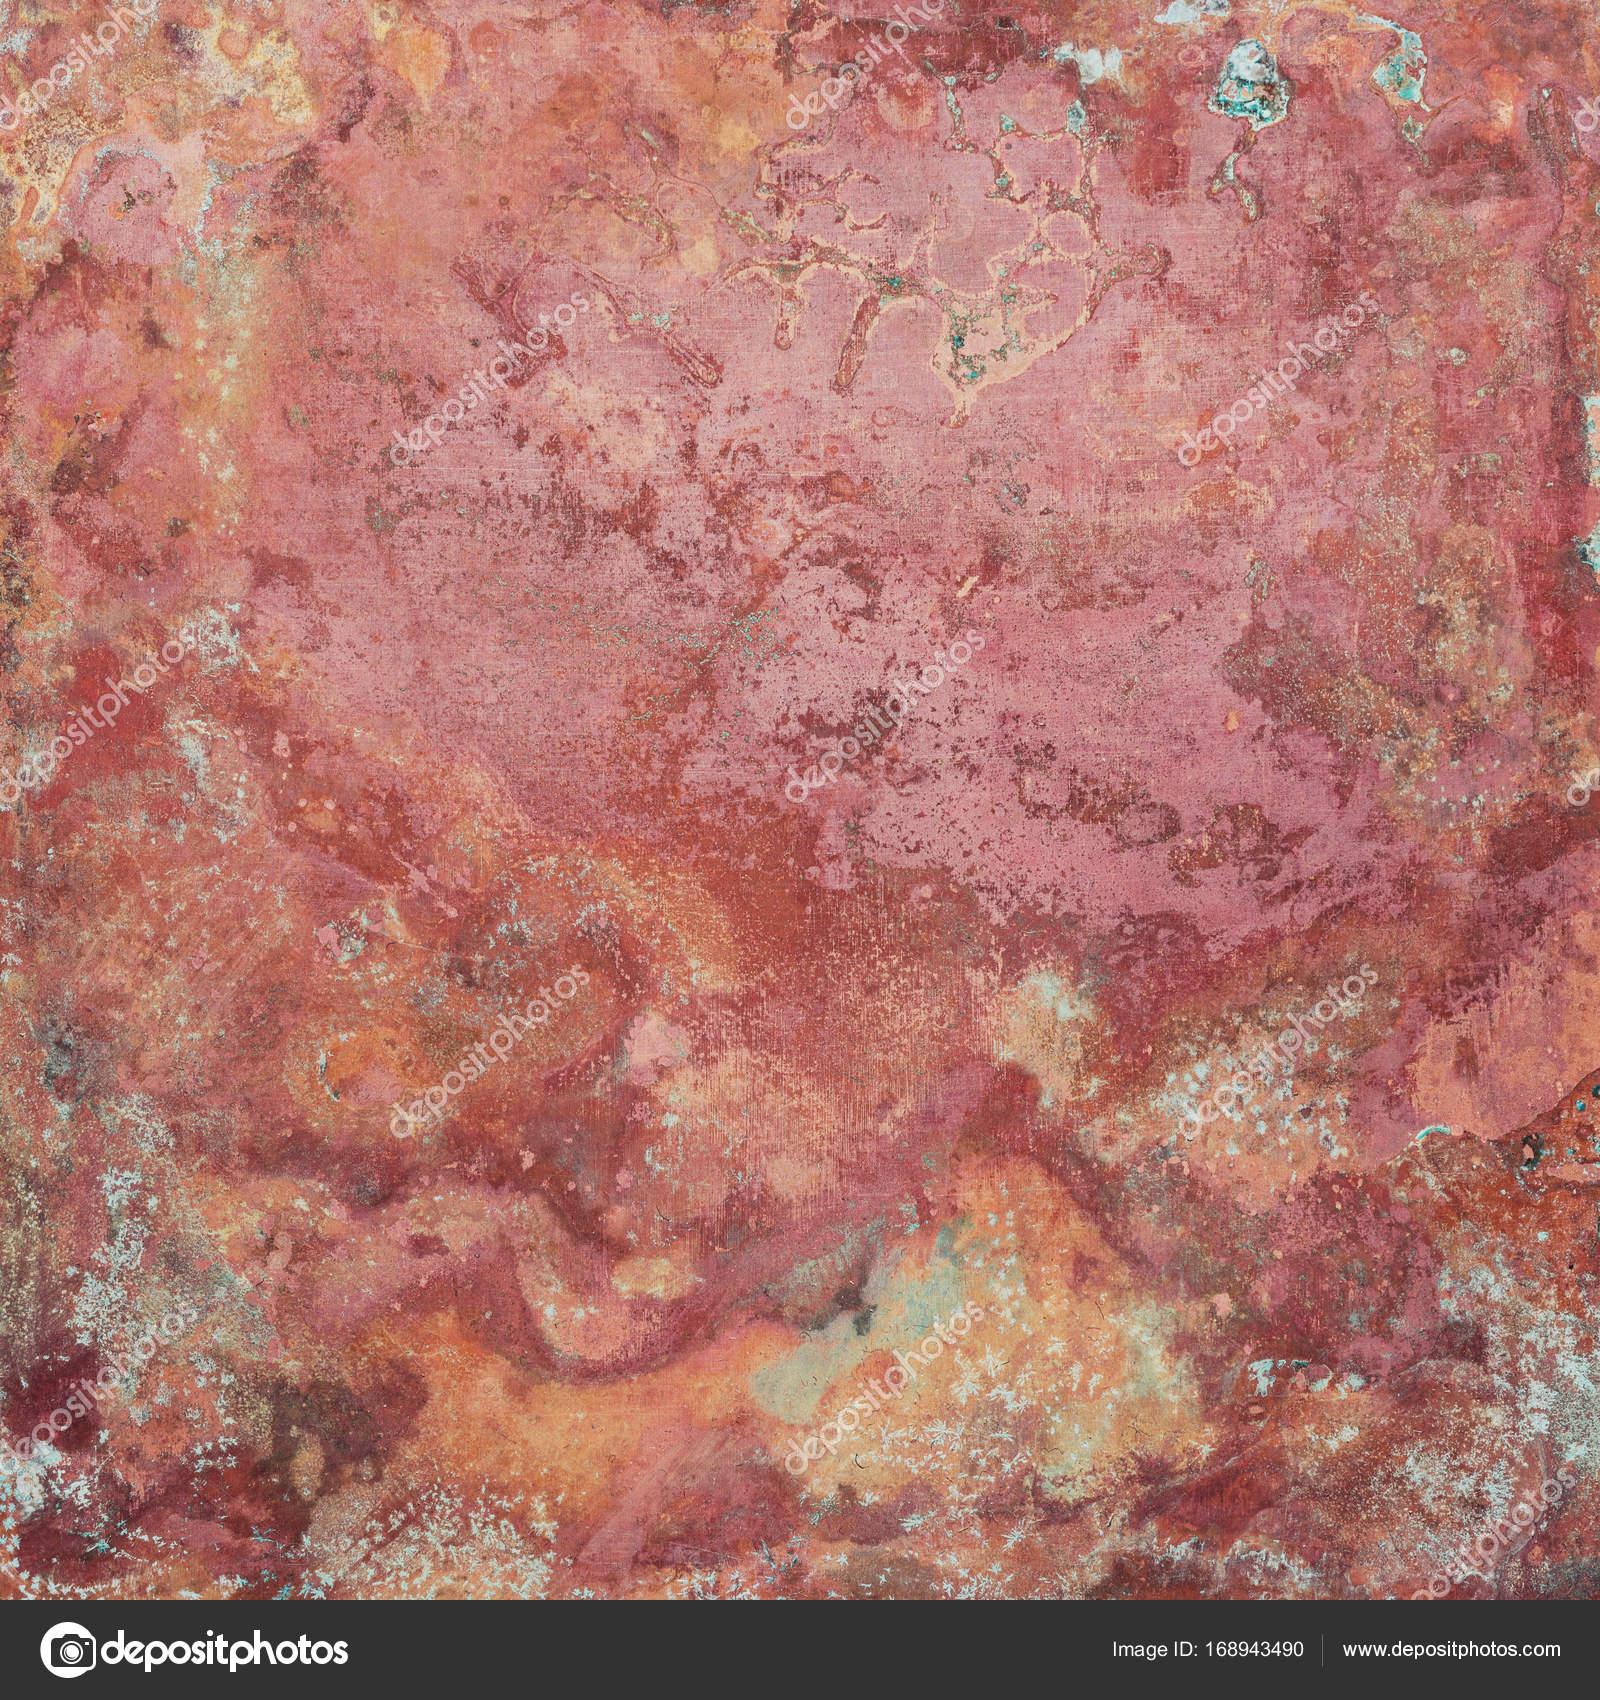 Kupfer Grüne Patina alte kupfer textur stockfoto tuja66 168943490